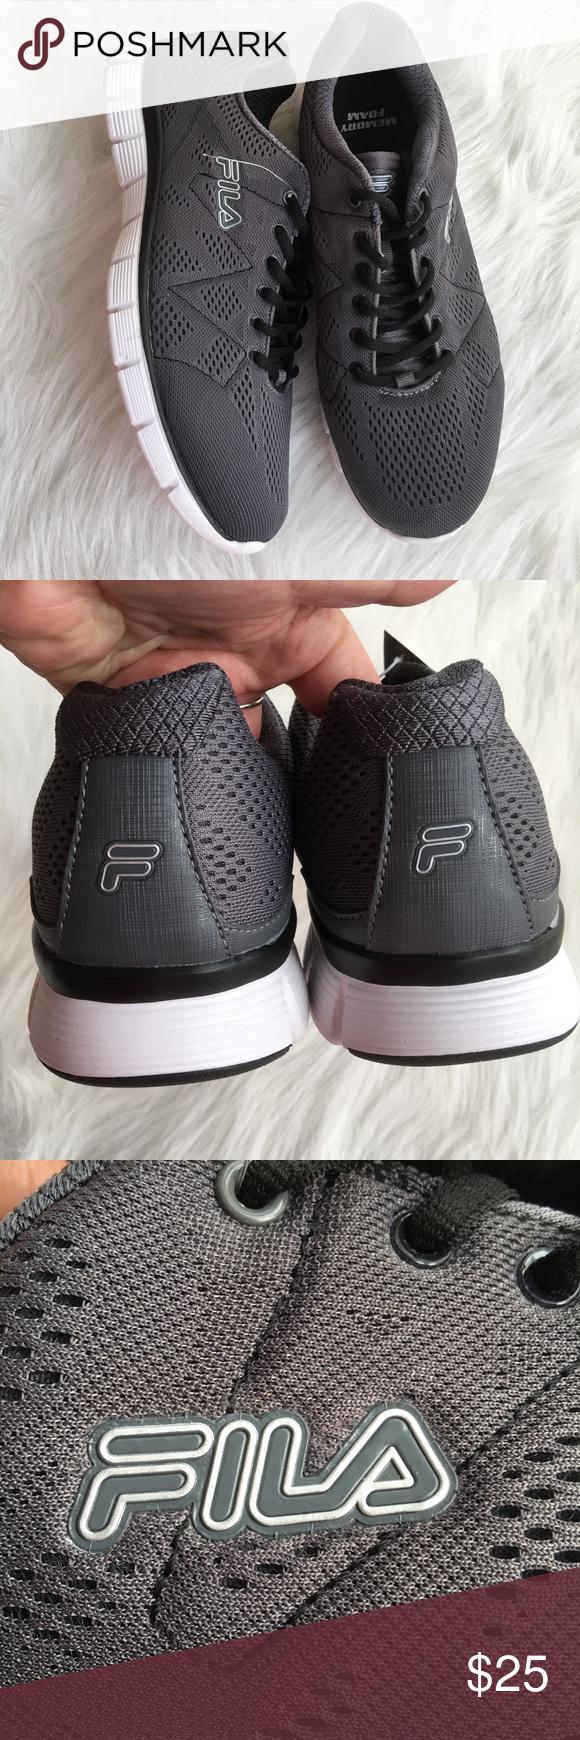 da83e9eaf0b0 Fila Memory Refractive Memory Foam Athletic Shoes Men s Fila Memory  Refractive Memory Foam Running Athletic Shoes